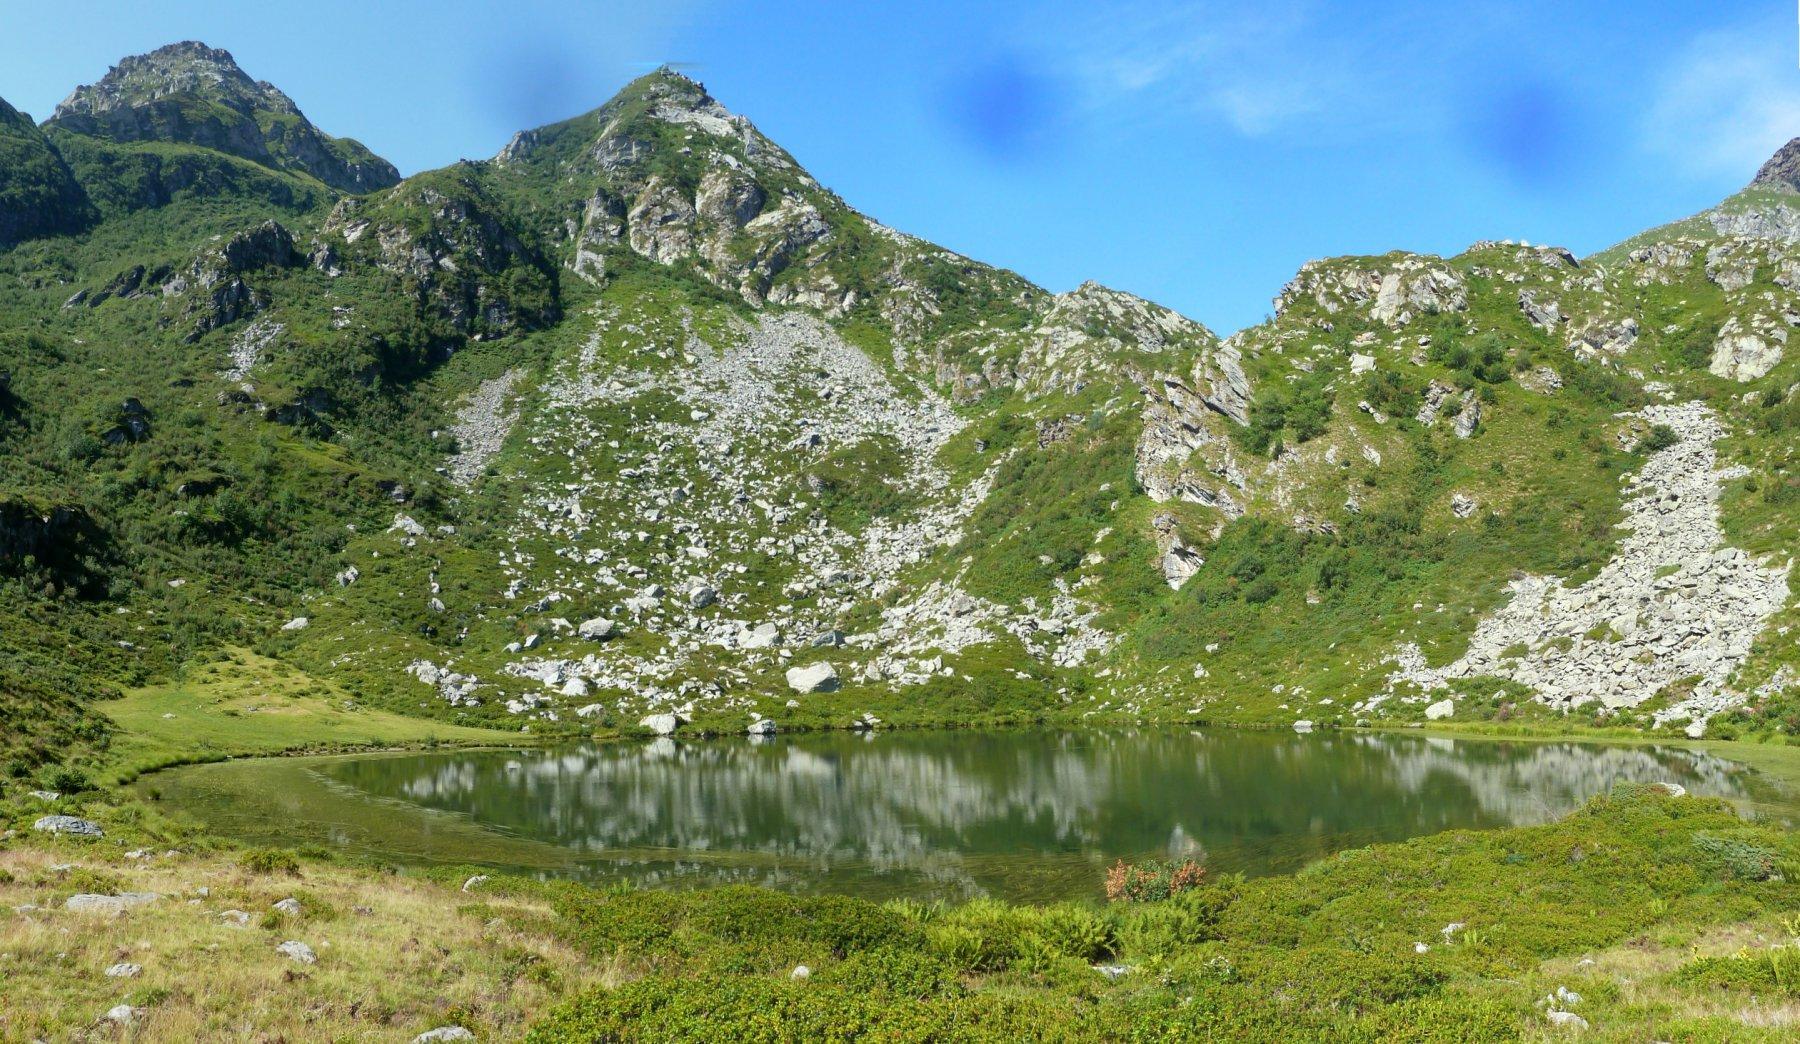 il lago con la punta di pratofiorito